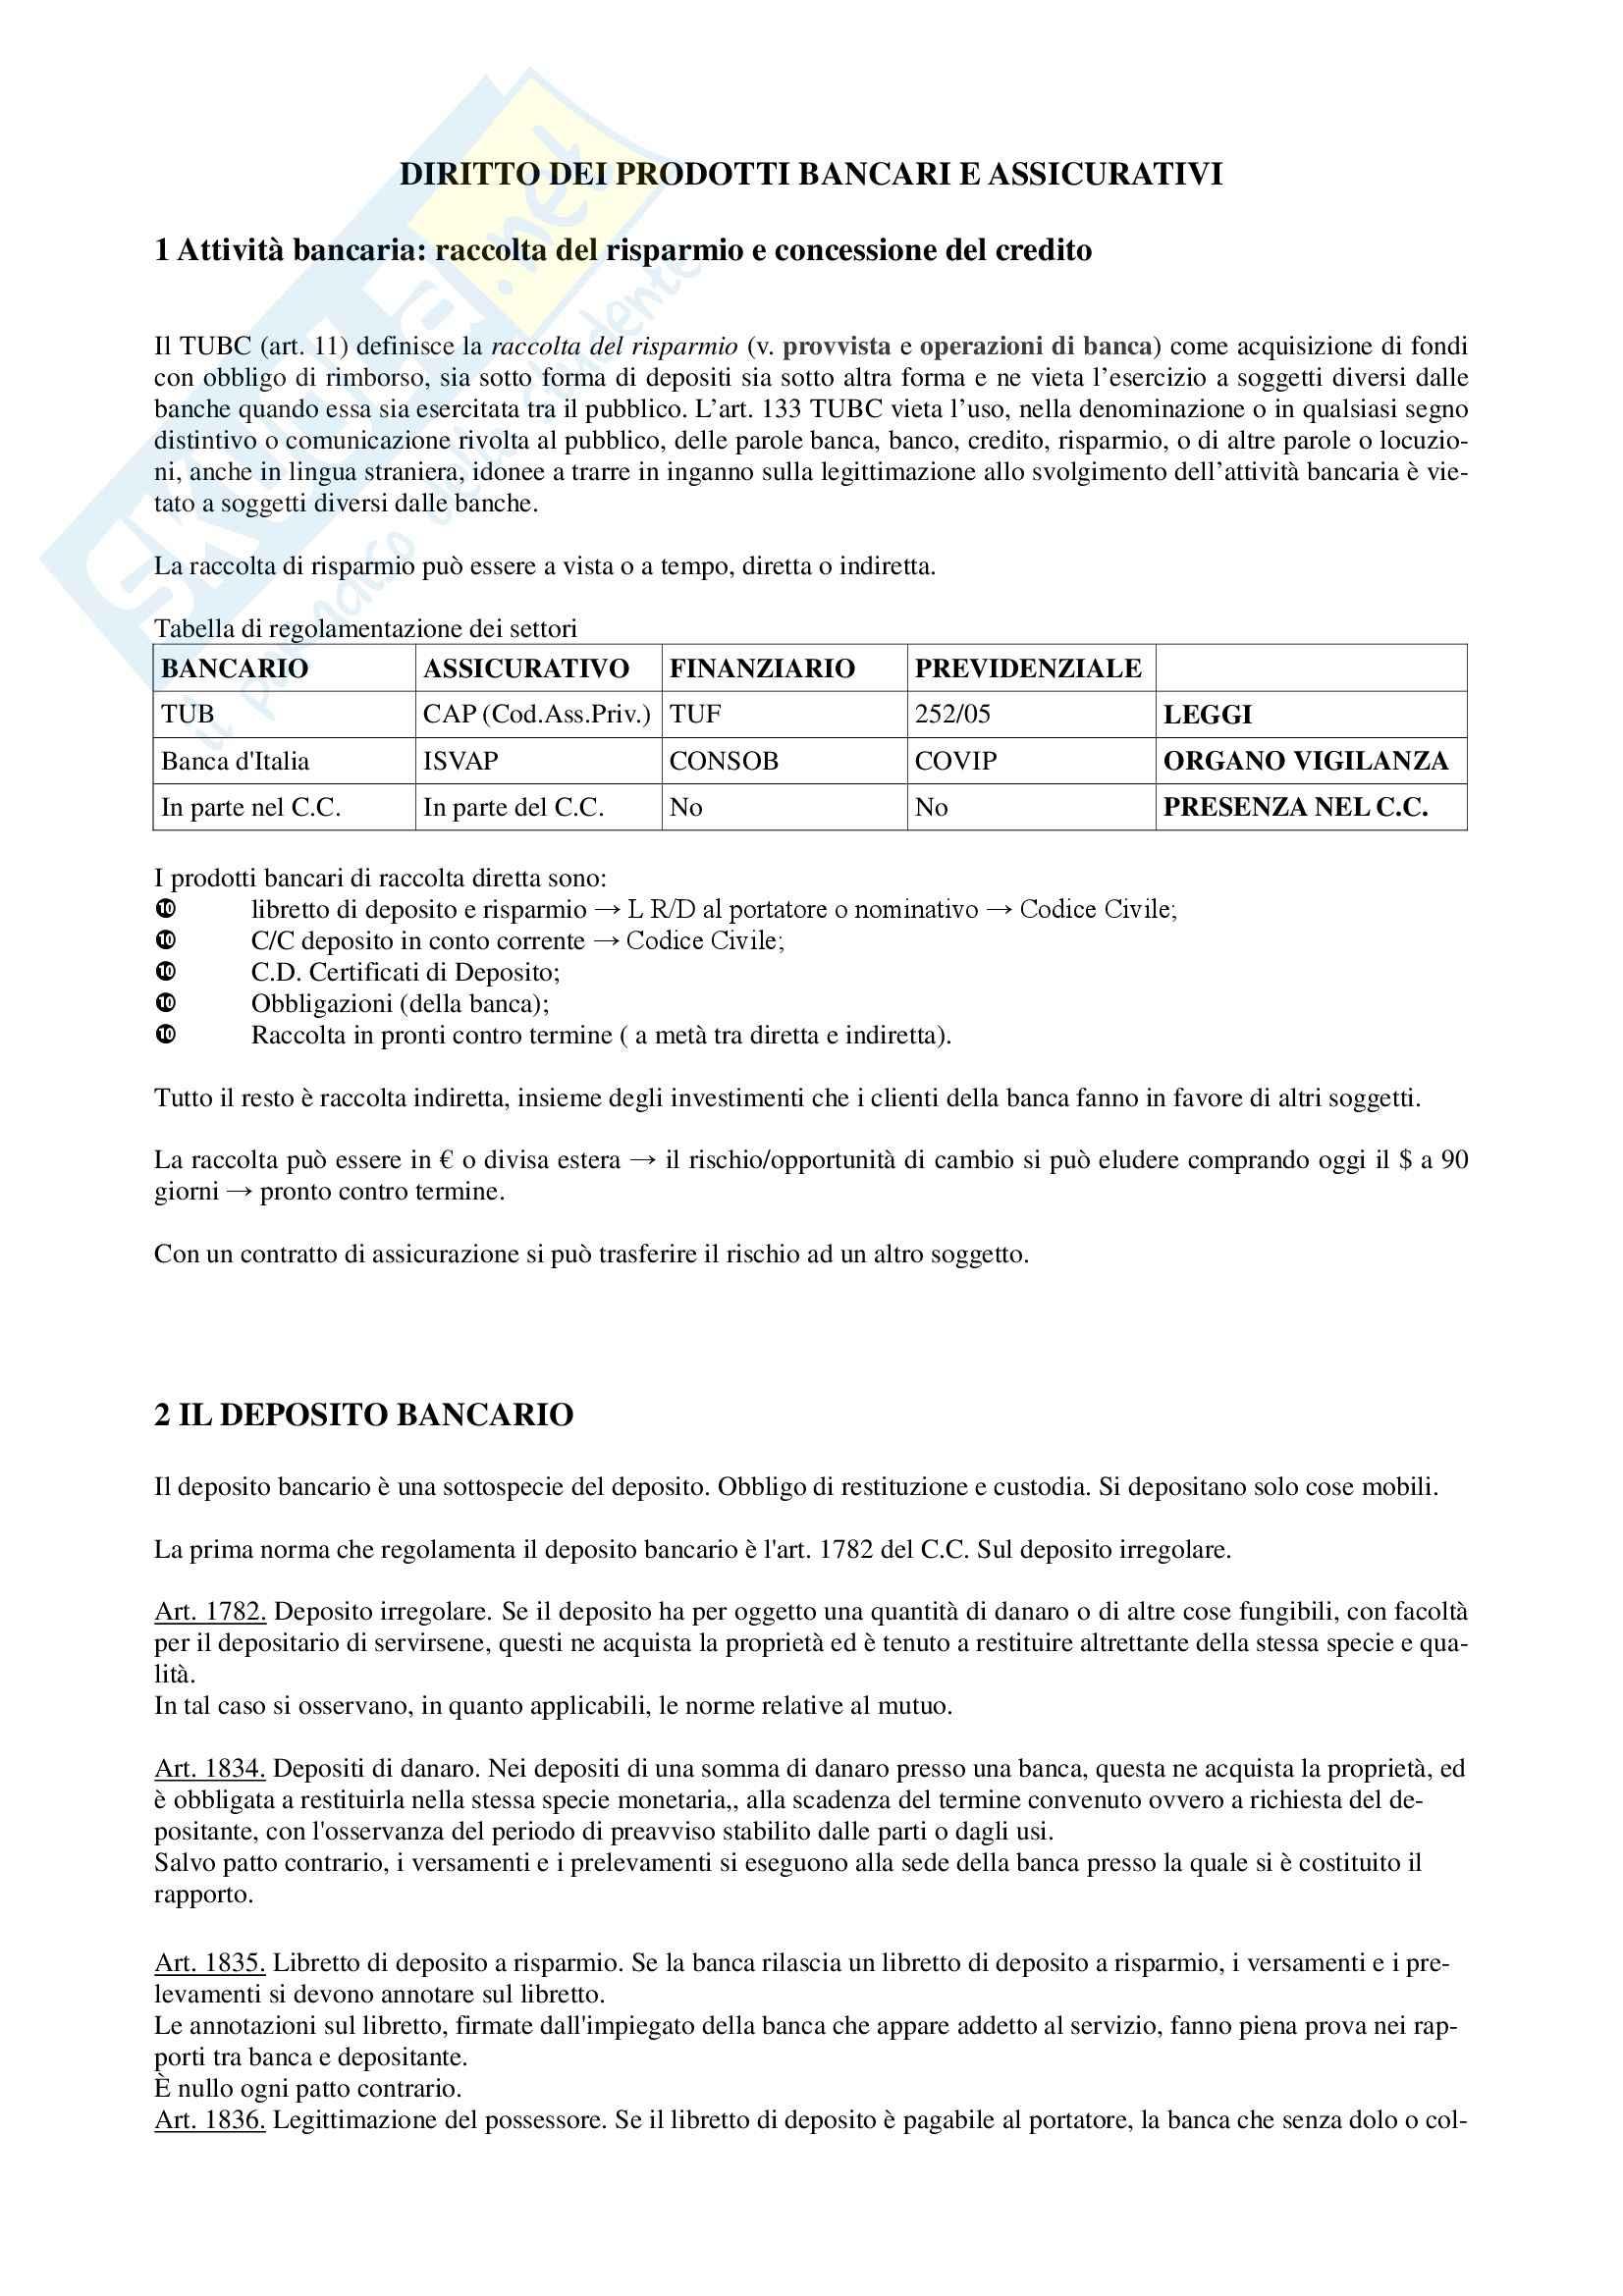 Diritto dei Prodotti Bancari e Assicurativi - Appunti